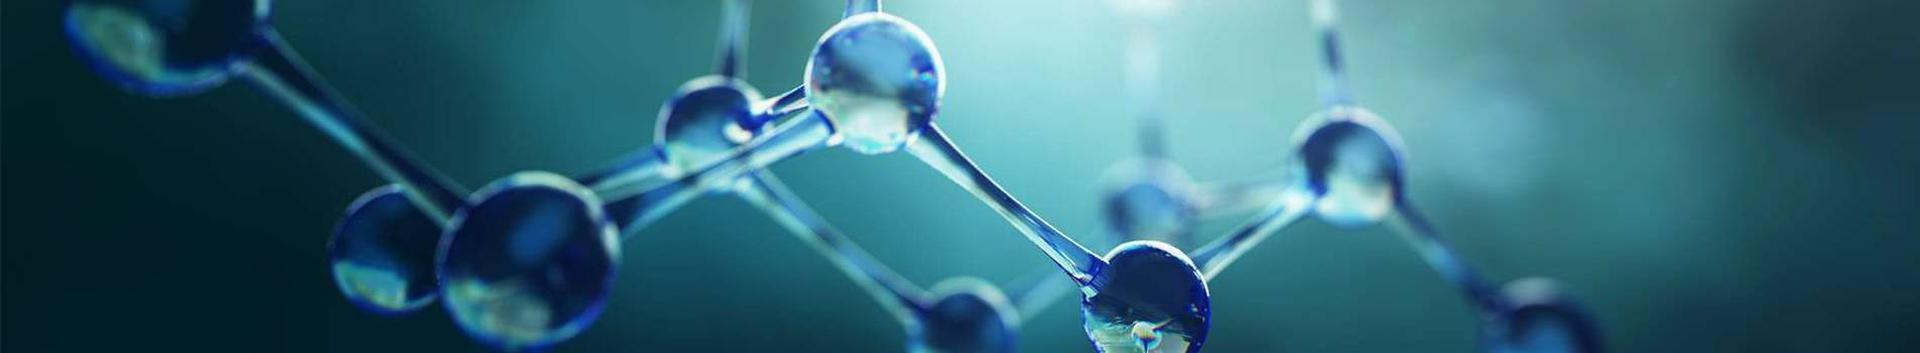 20141_muude-kemikaalide-tootmine_89405064_xl.jpg